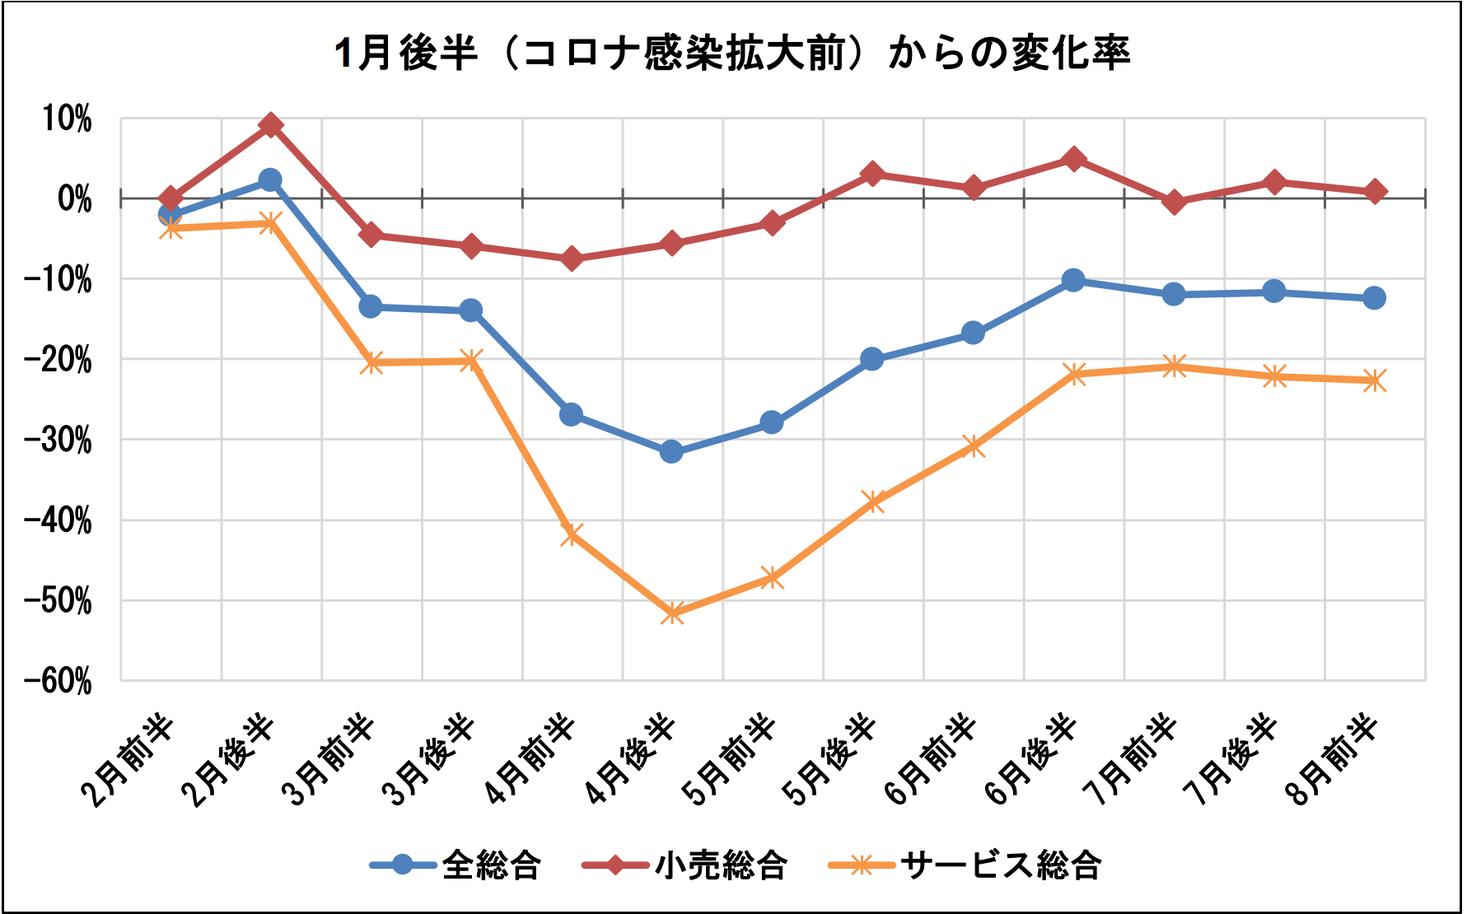 コロナ グラフ 者 数 日本 感染